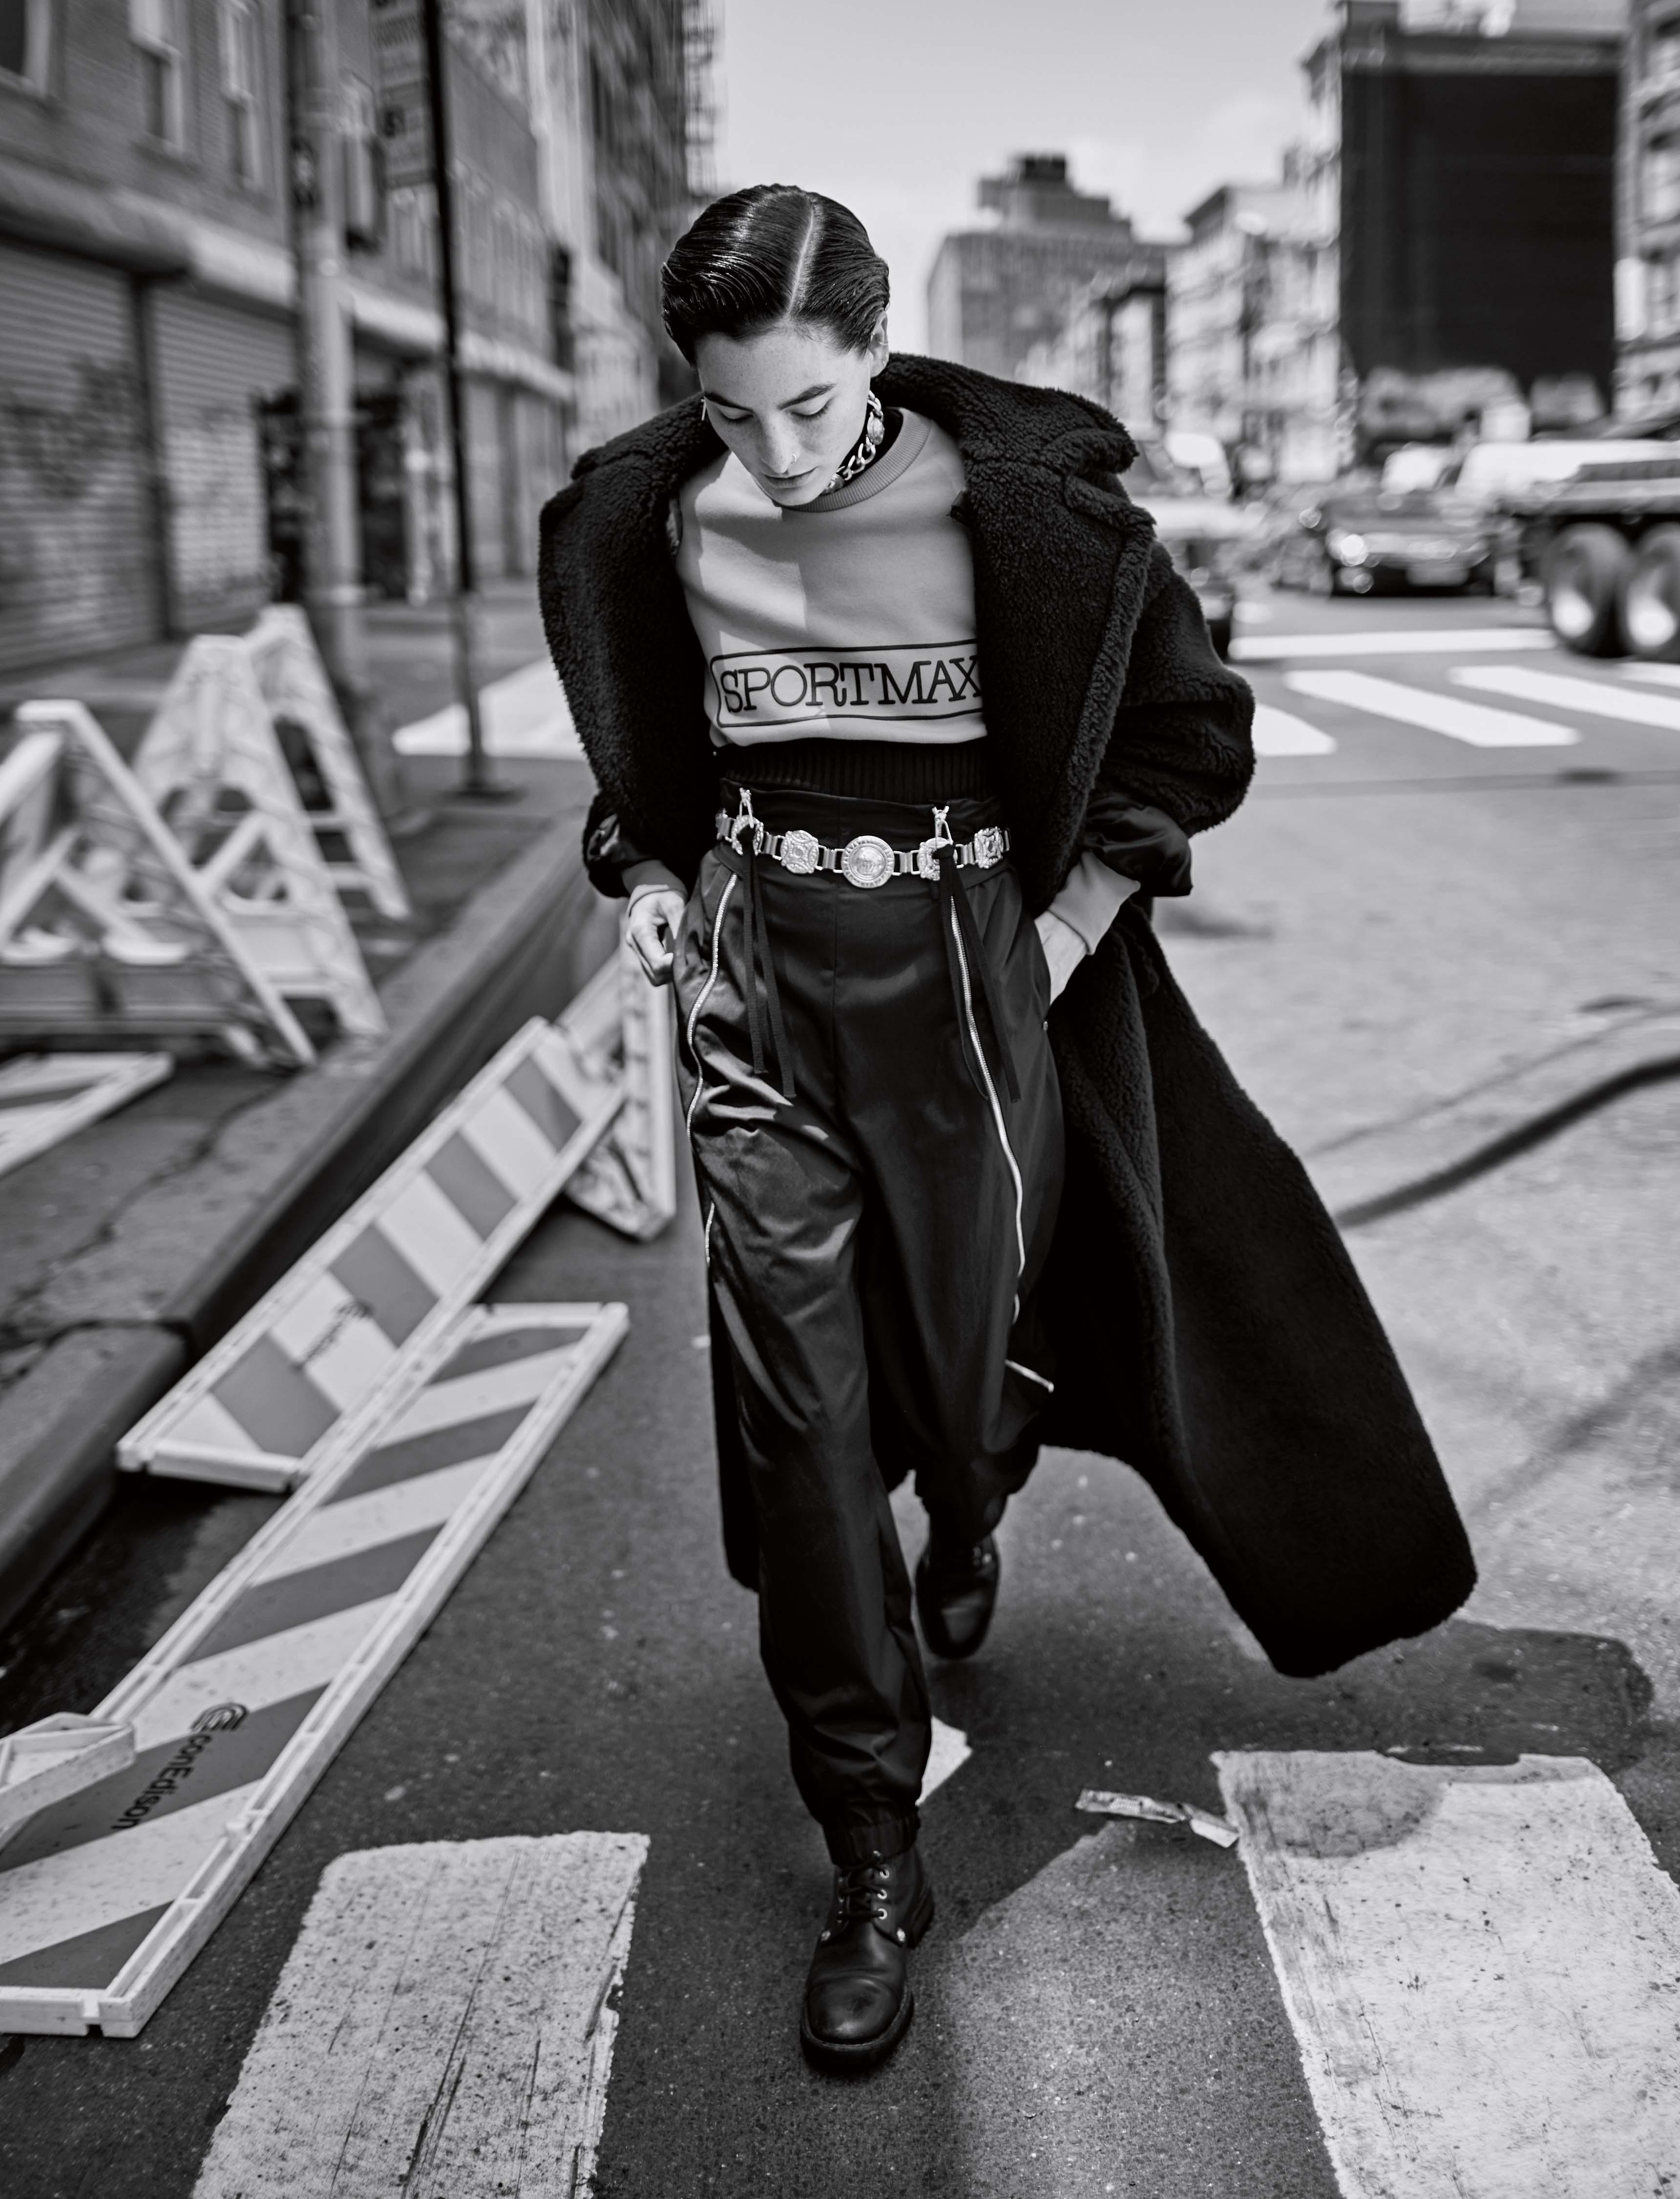 Manteau oversized en laine, MAX MARA. Sweat-shirt et pantalon zippé en coton, SPORTMAX. Collier et ceinture vintage, VERSACE CHEZ DEPUIS 1924. Boots vintage.